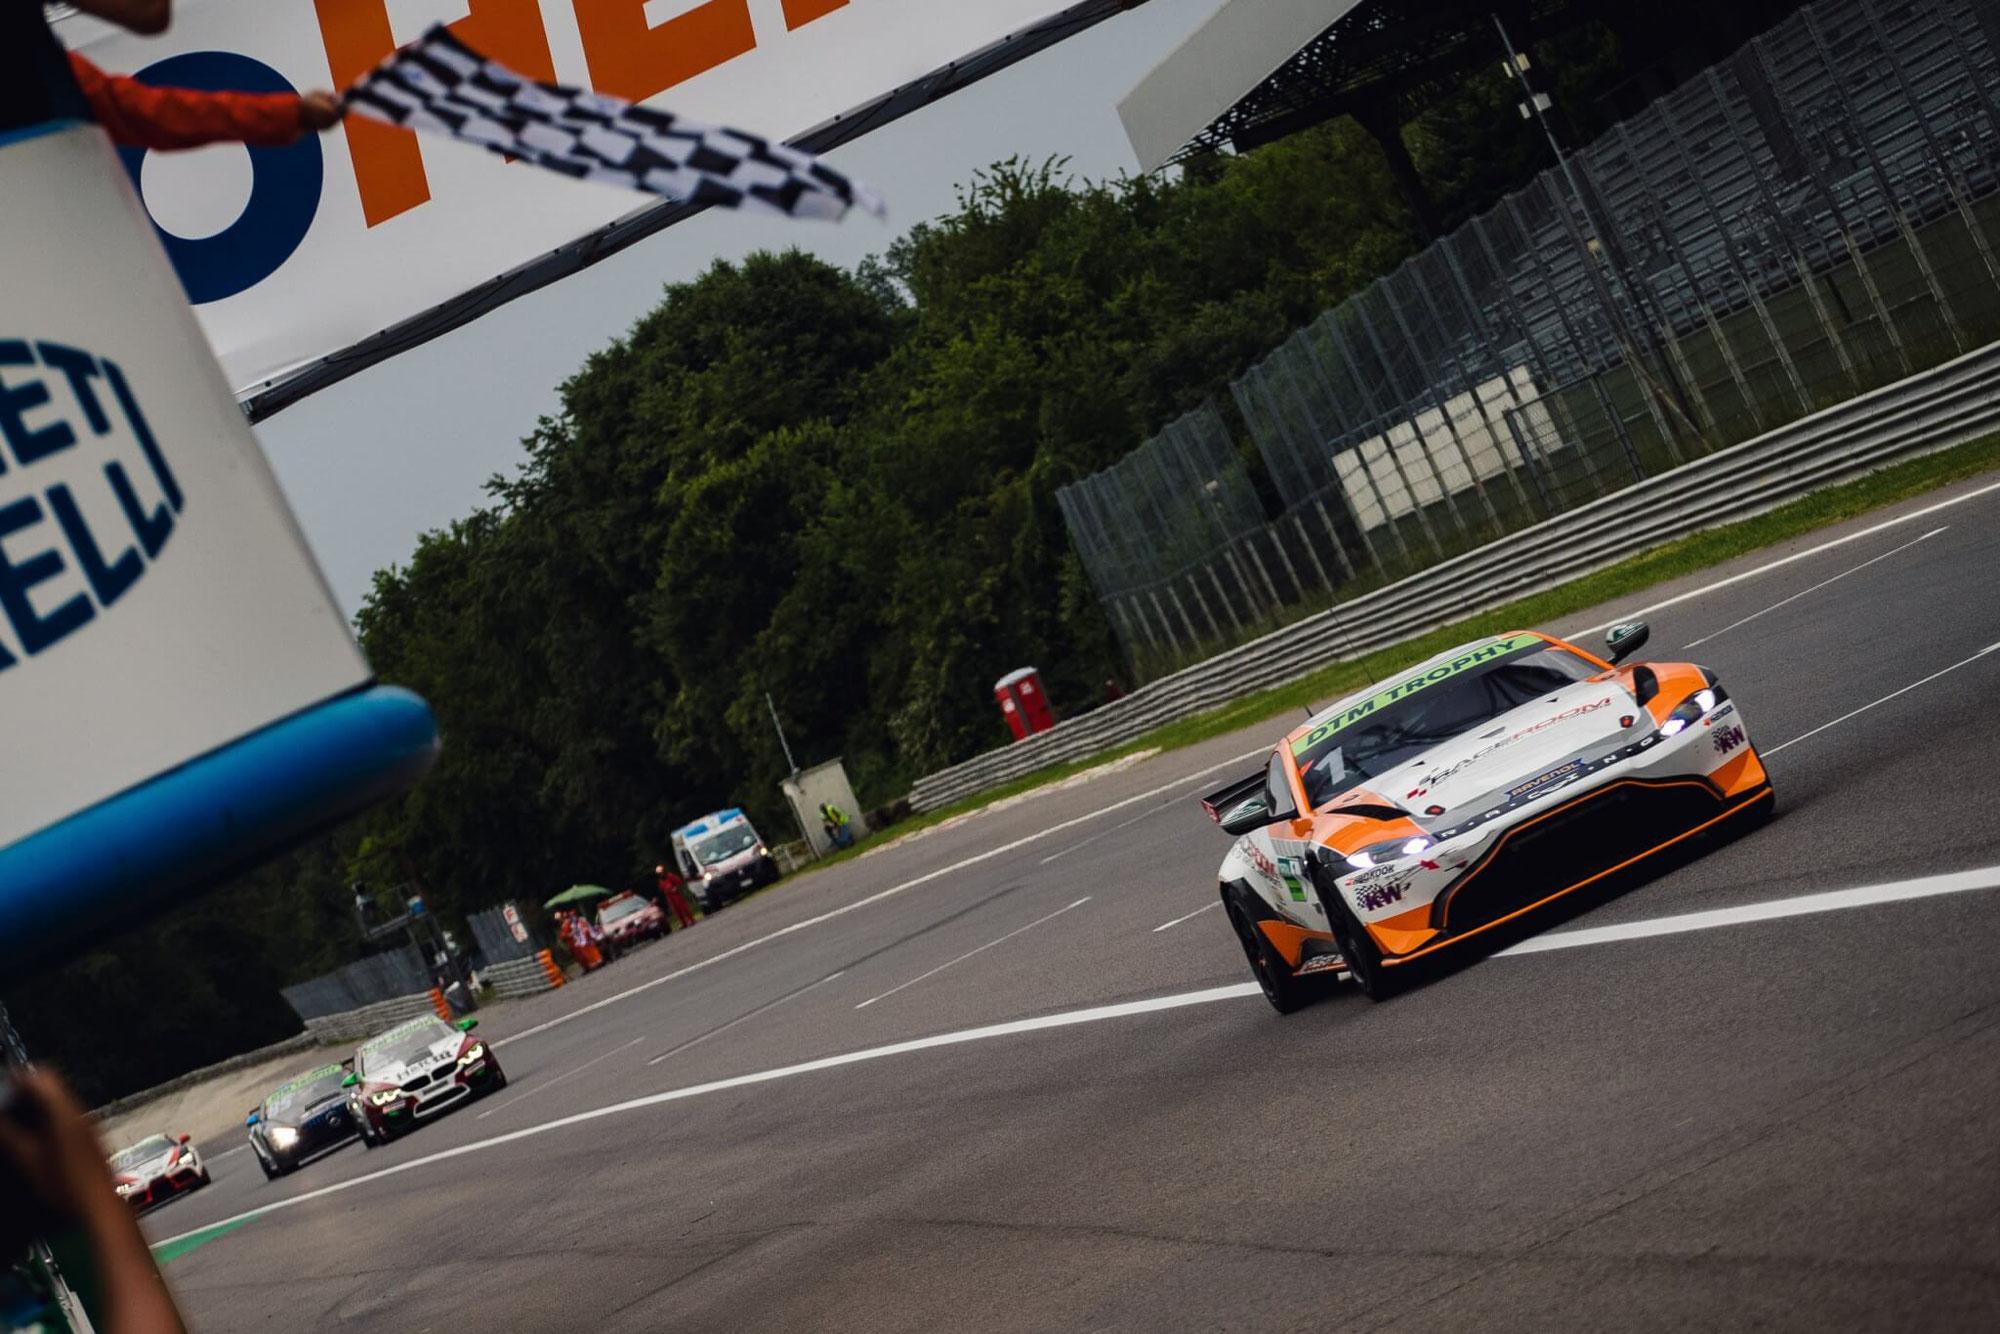 PROsport Racing mit neuformiertem Trio um Titelverteidiger Heinemann: Ortmann und Schmidt debütierten am Lausitzring